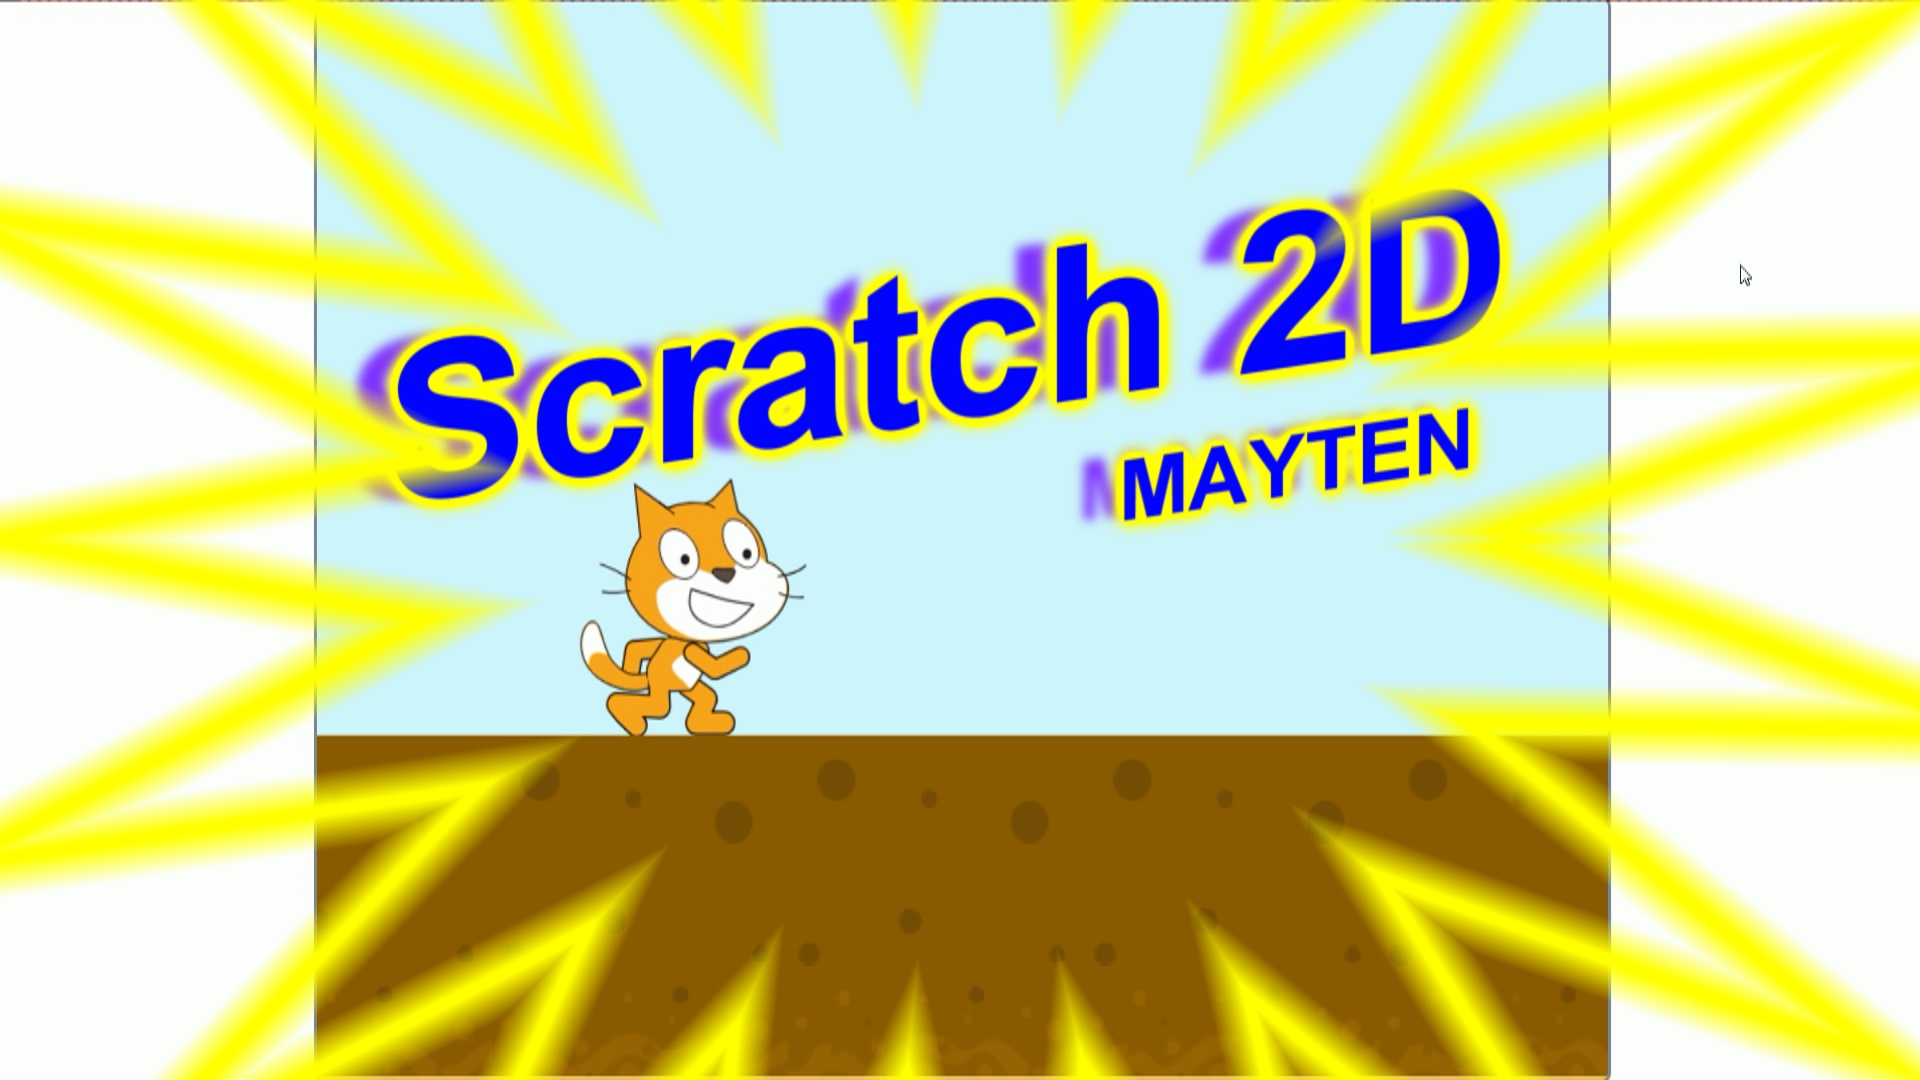 Scratch 2D